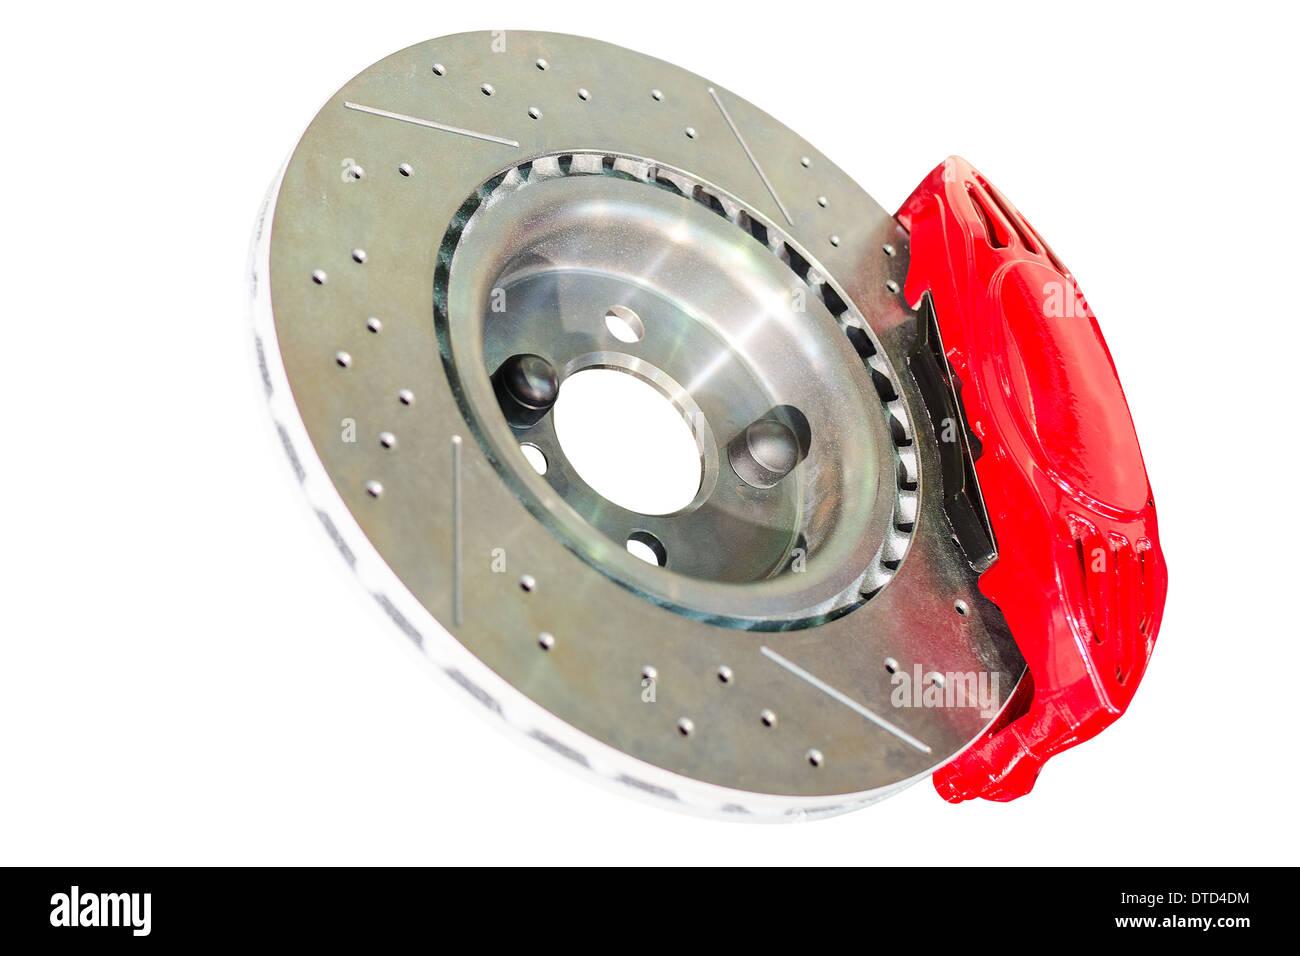 Bremssattel Disc und Pads von mechanischen Auto Bremsanlage montiert Stockbild